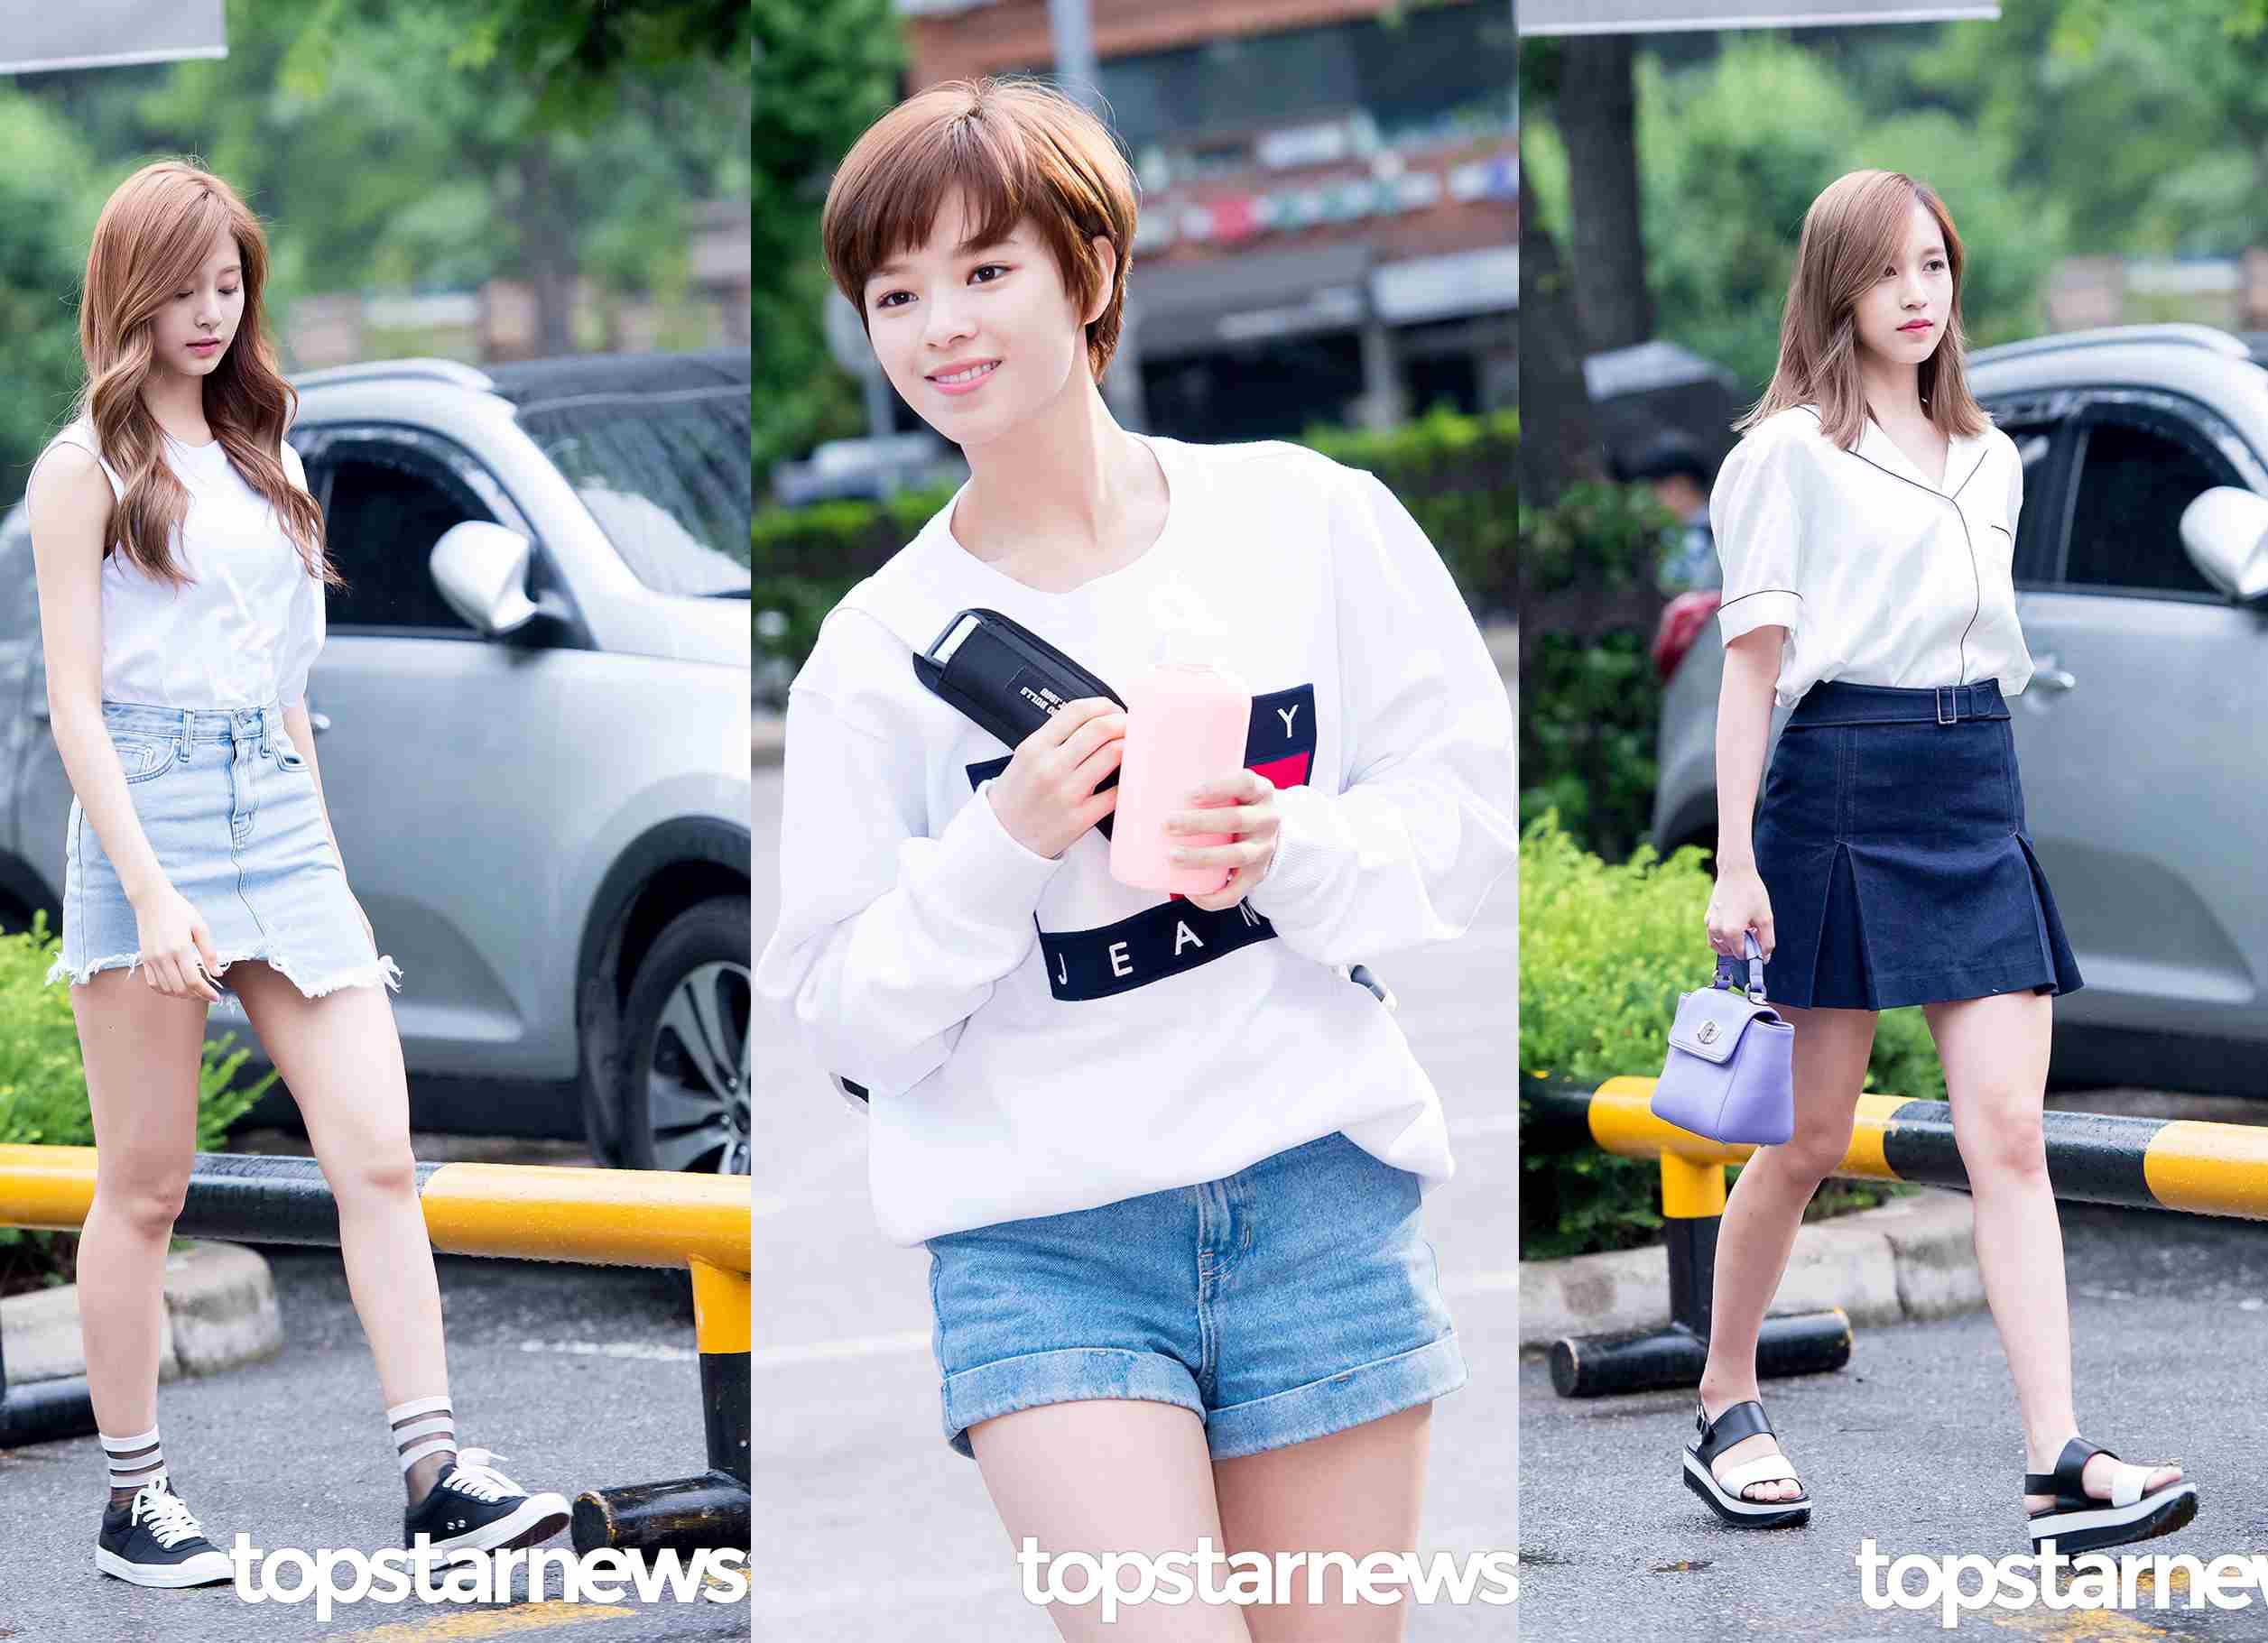 TOP④ 白T 跟丹寧短褲一樣,白T也是女孩們的夏季必備單品,還是最百搭的單品,子瑜和定延走的大一生的休閒運動風,下雨天的時候就可以像定延一樣搭一件長袖白T。Mina用襯衫加正式的手提包,充滿了成熟的小女人味。